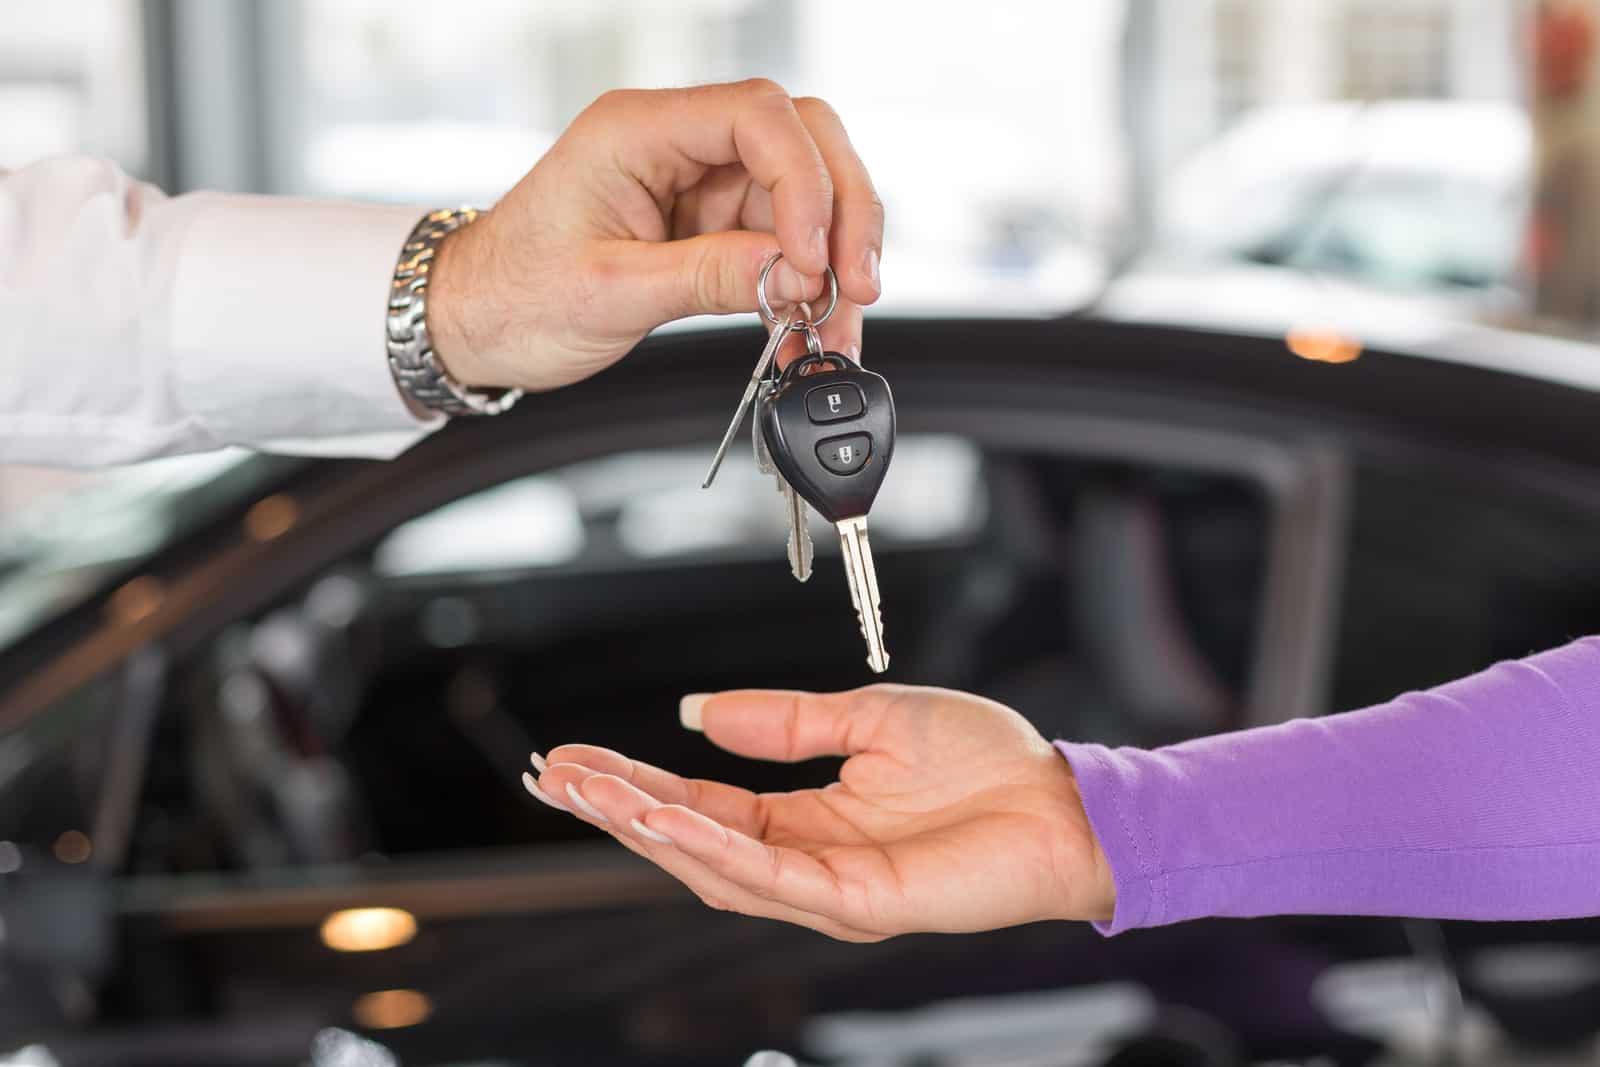 Handing off keys